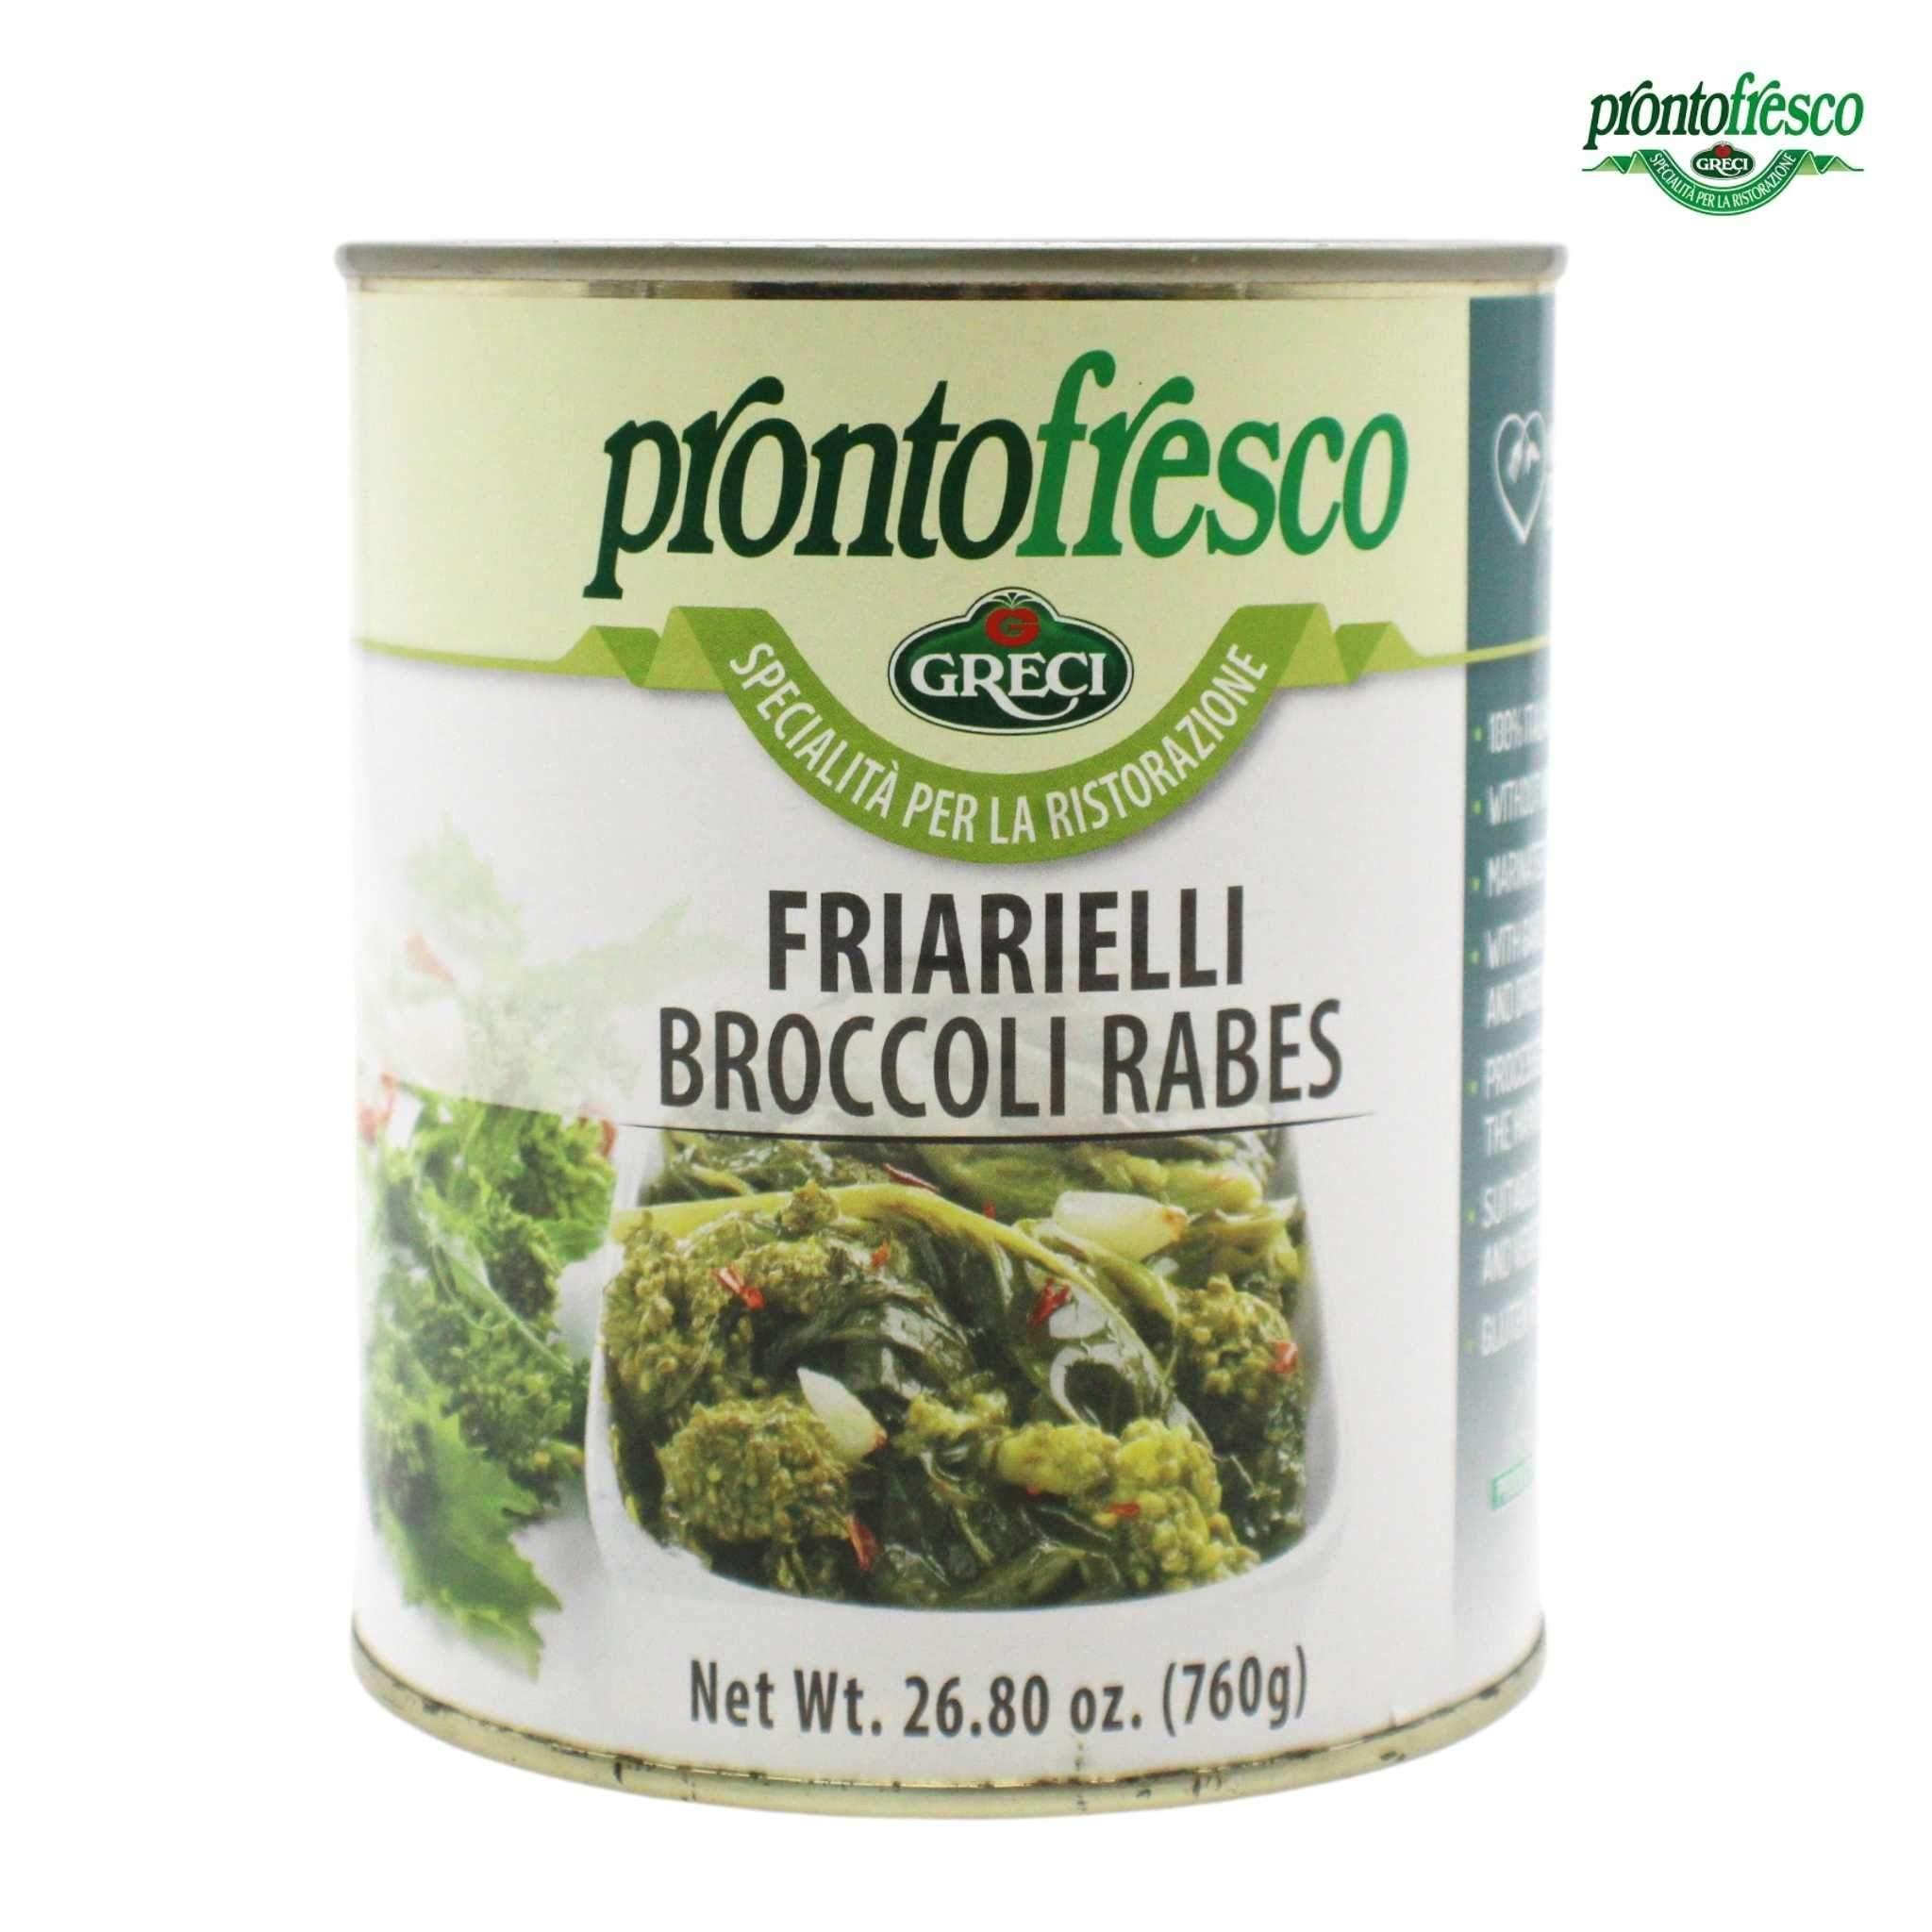 Greci / Pronto Friarielli in Öl (1,7 lbs. | 760 g) – EINZELDOSEN (1,7 lbs. | 760 g) 11,03 € EINHEIT